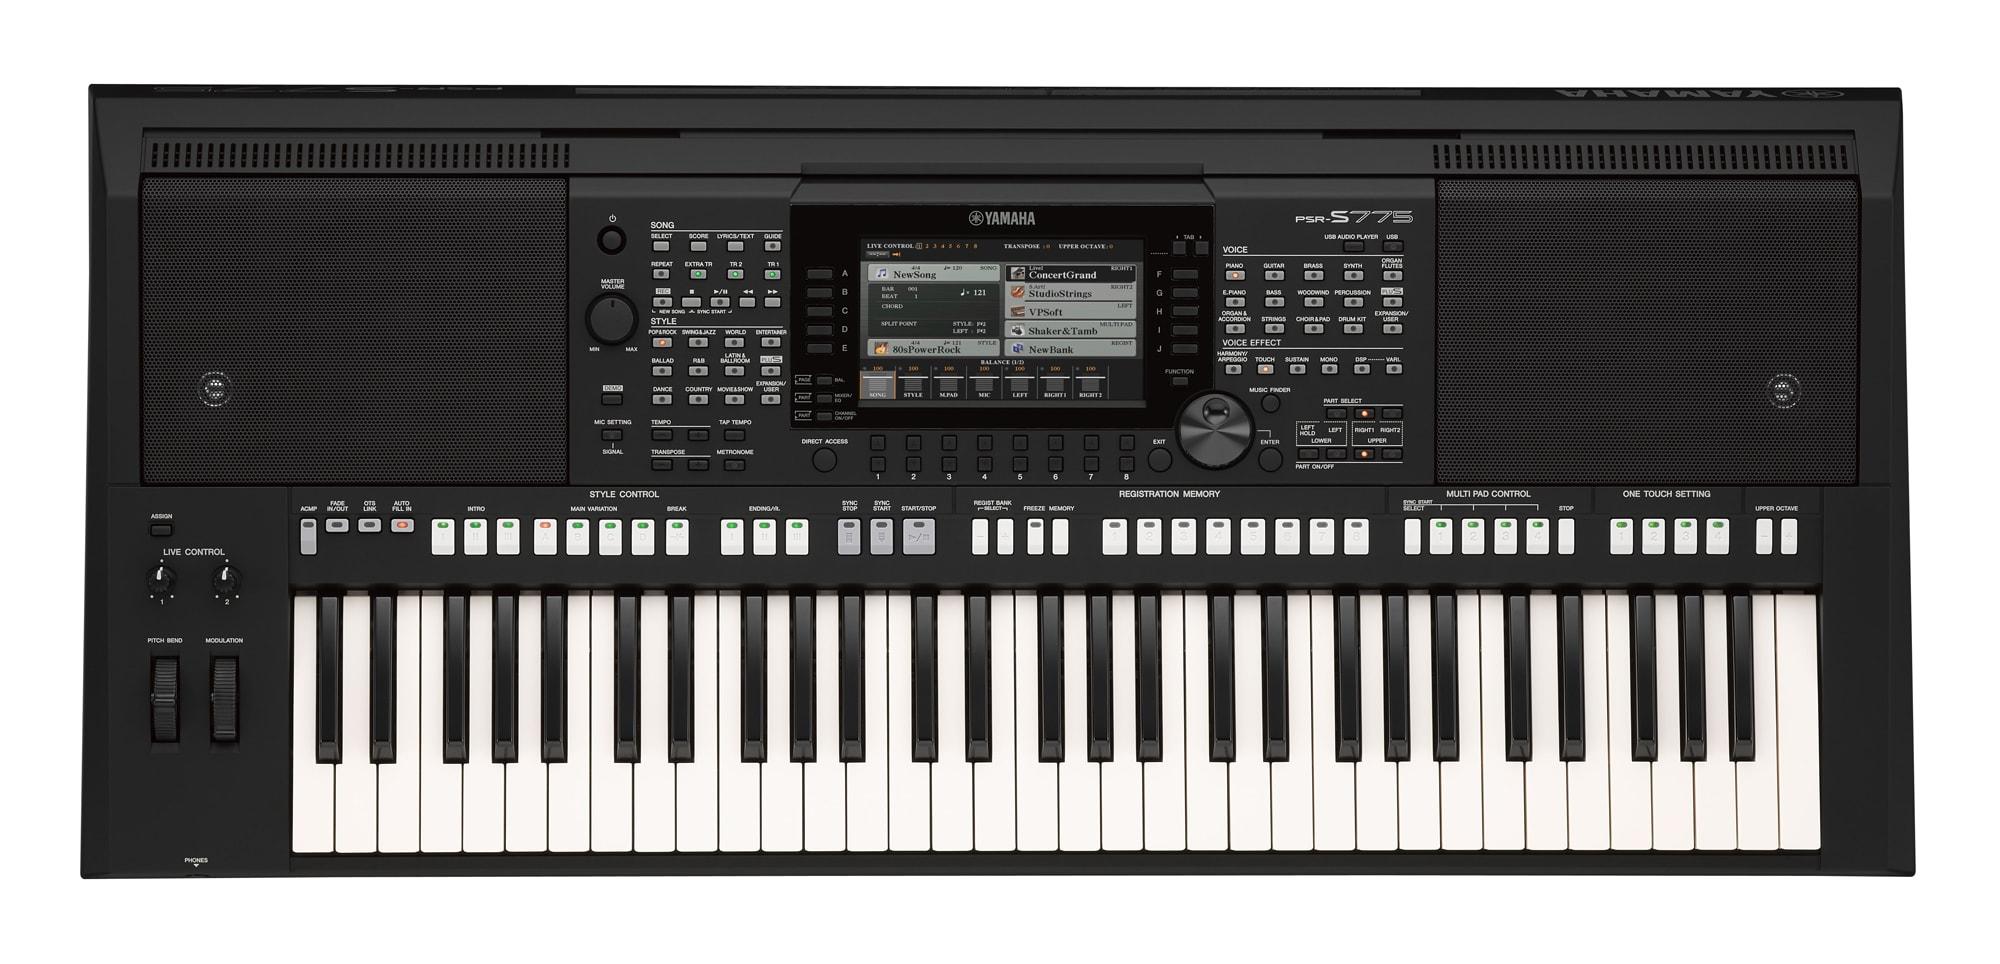 yamaha psr s775 keyboard set deluxe. Black Bedroom Furniture Sets. Home Design Ideas